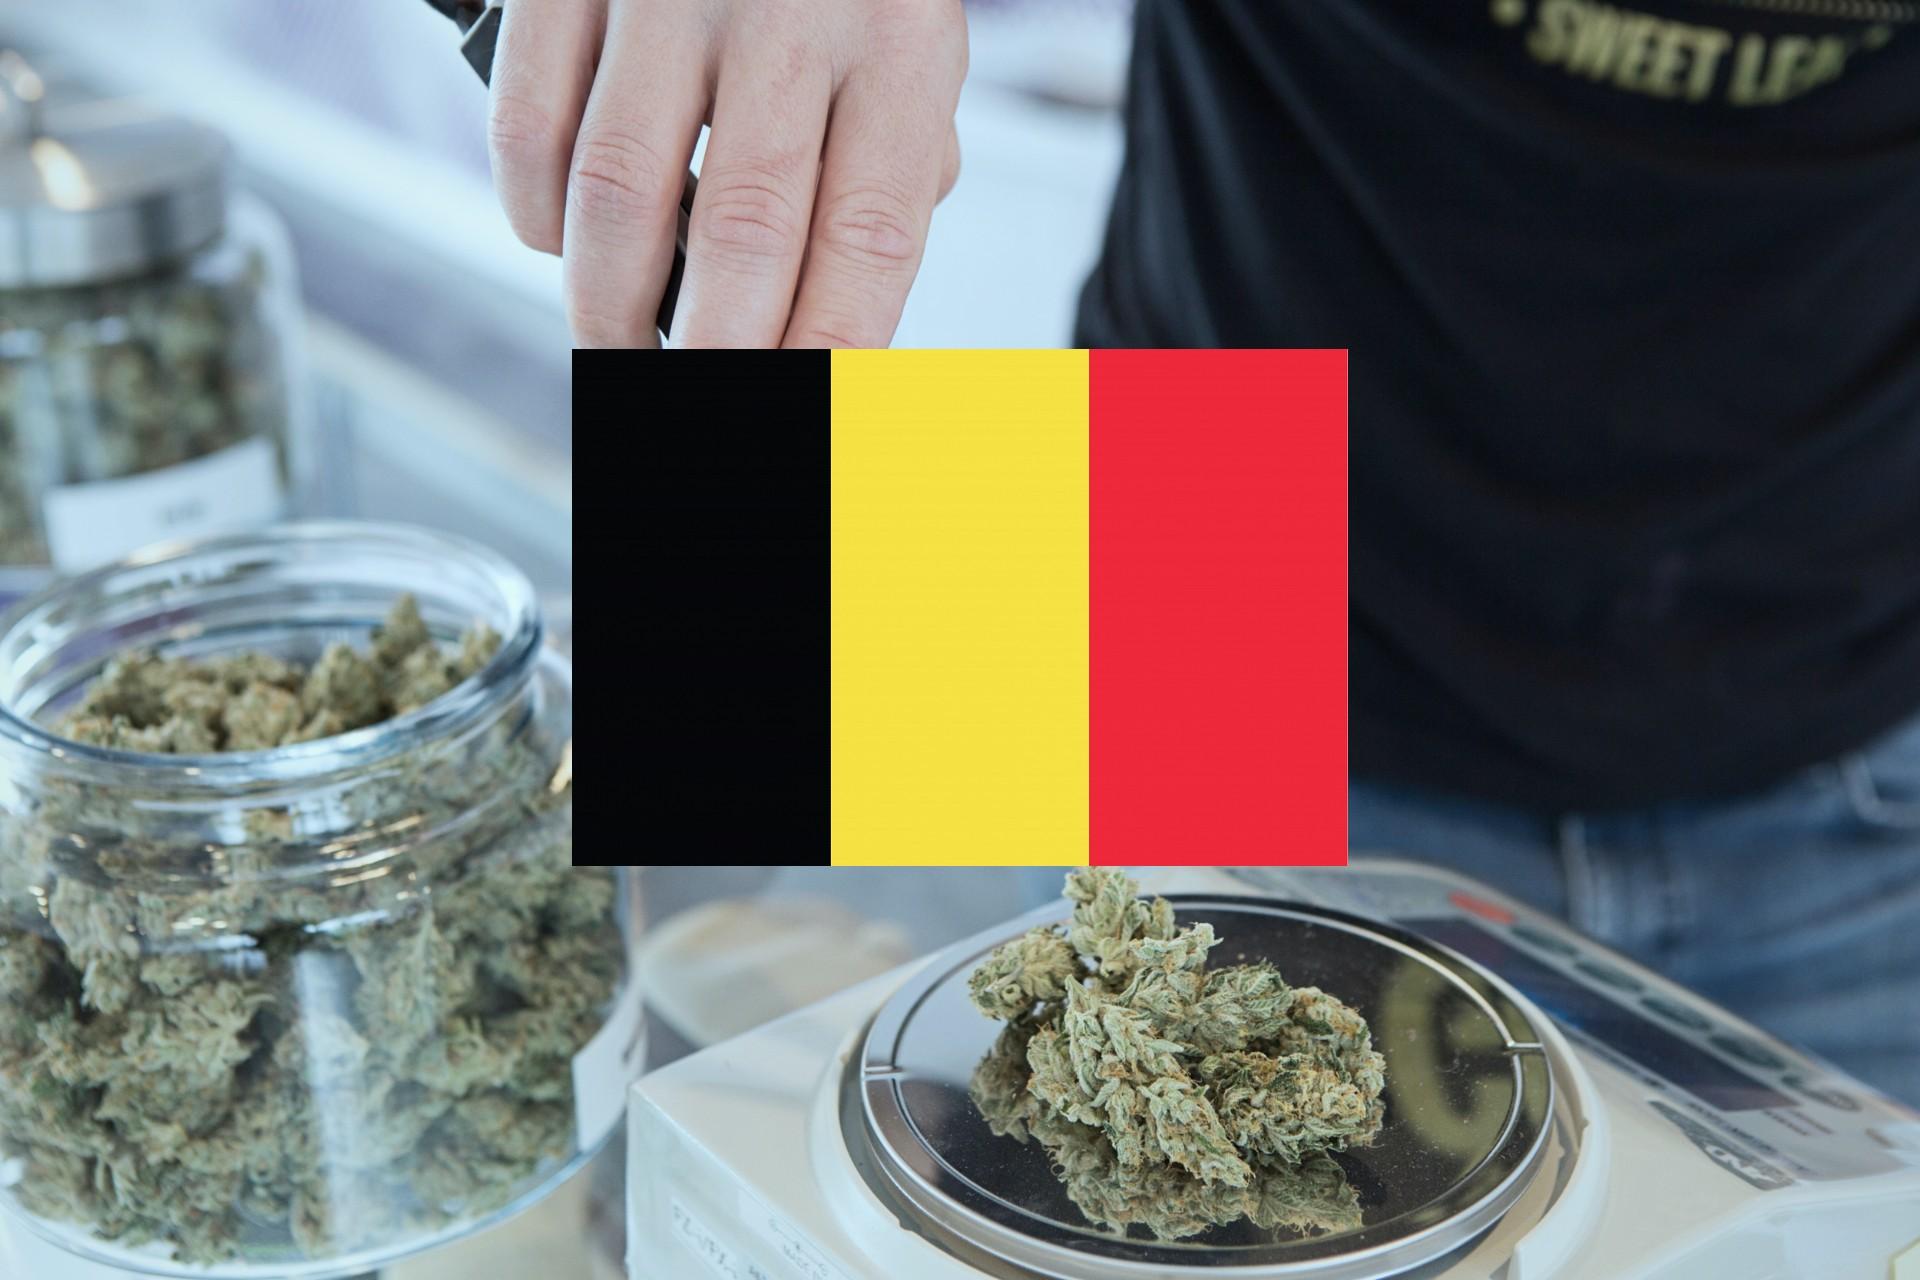 Comment acheter du cannabis et du hasch en Belgique?